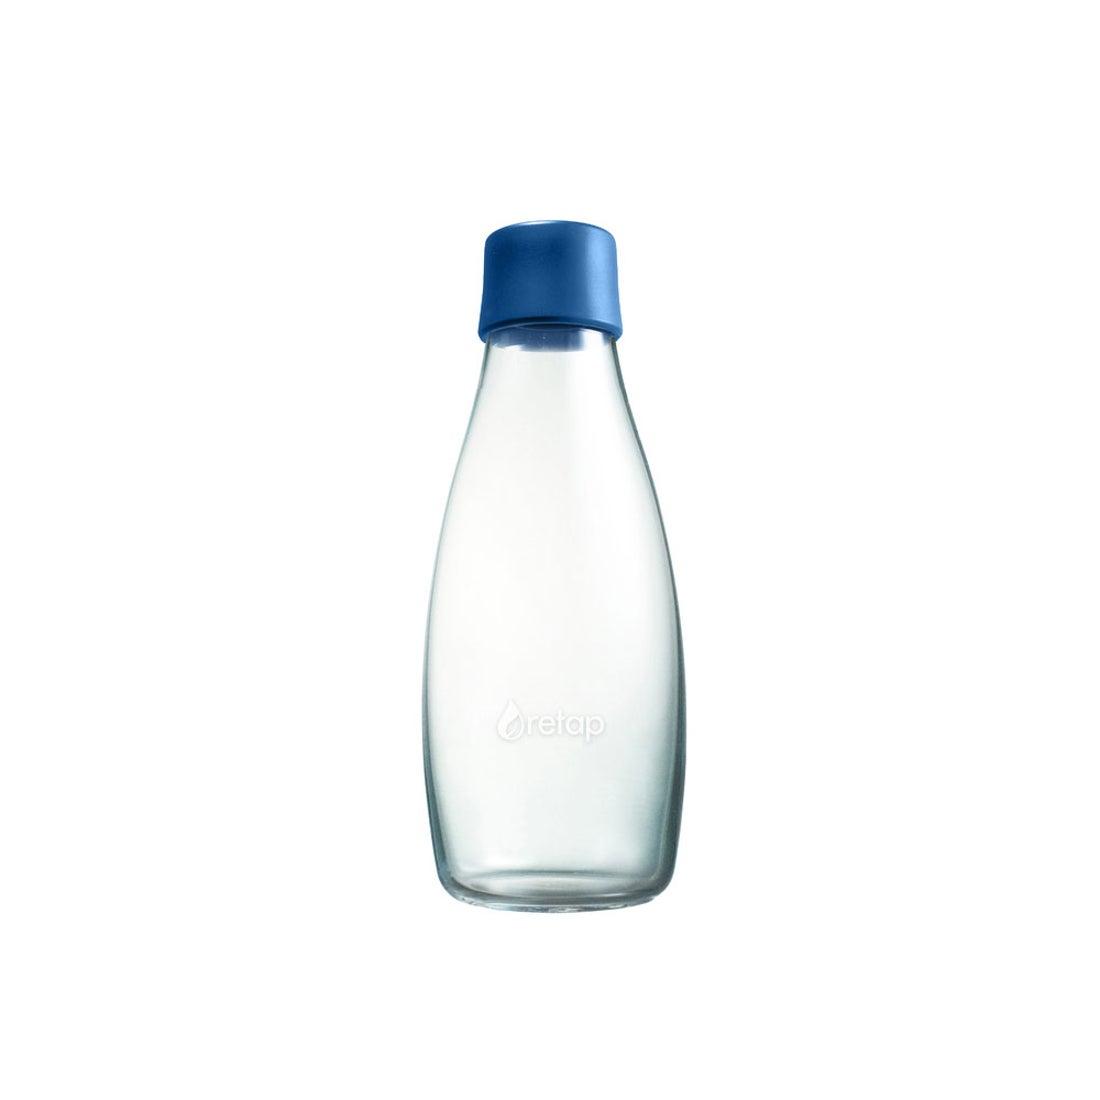 ノーブランド No Brand retapbottle05 リタップボトル 500ml (ブルー)